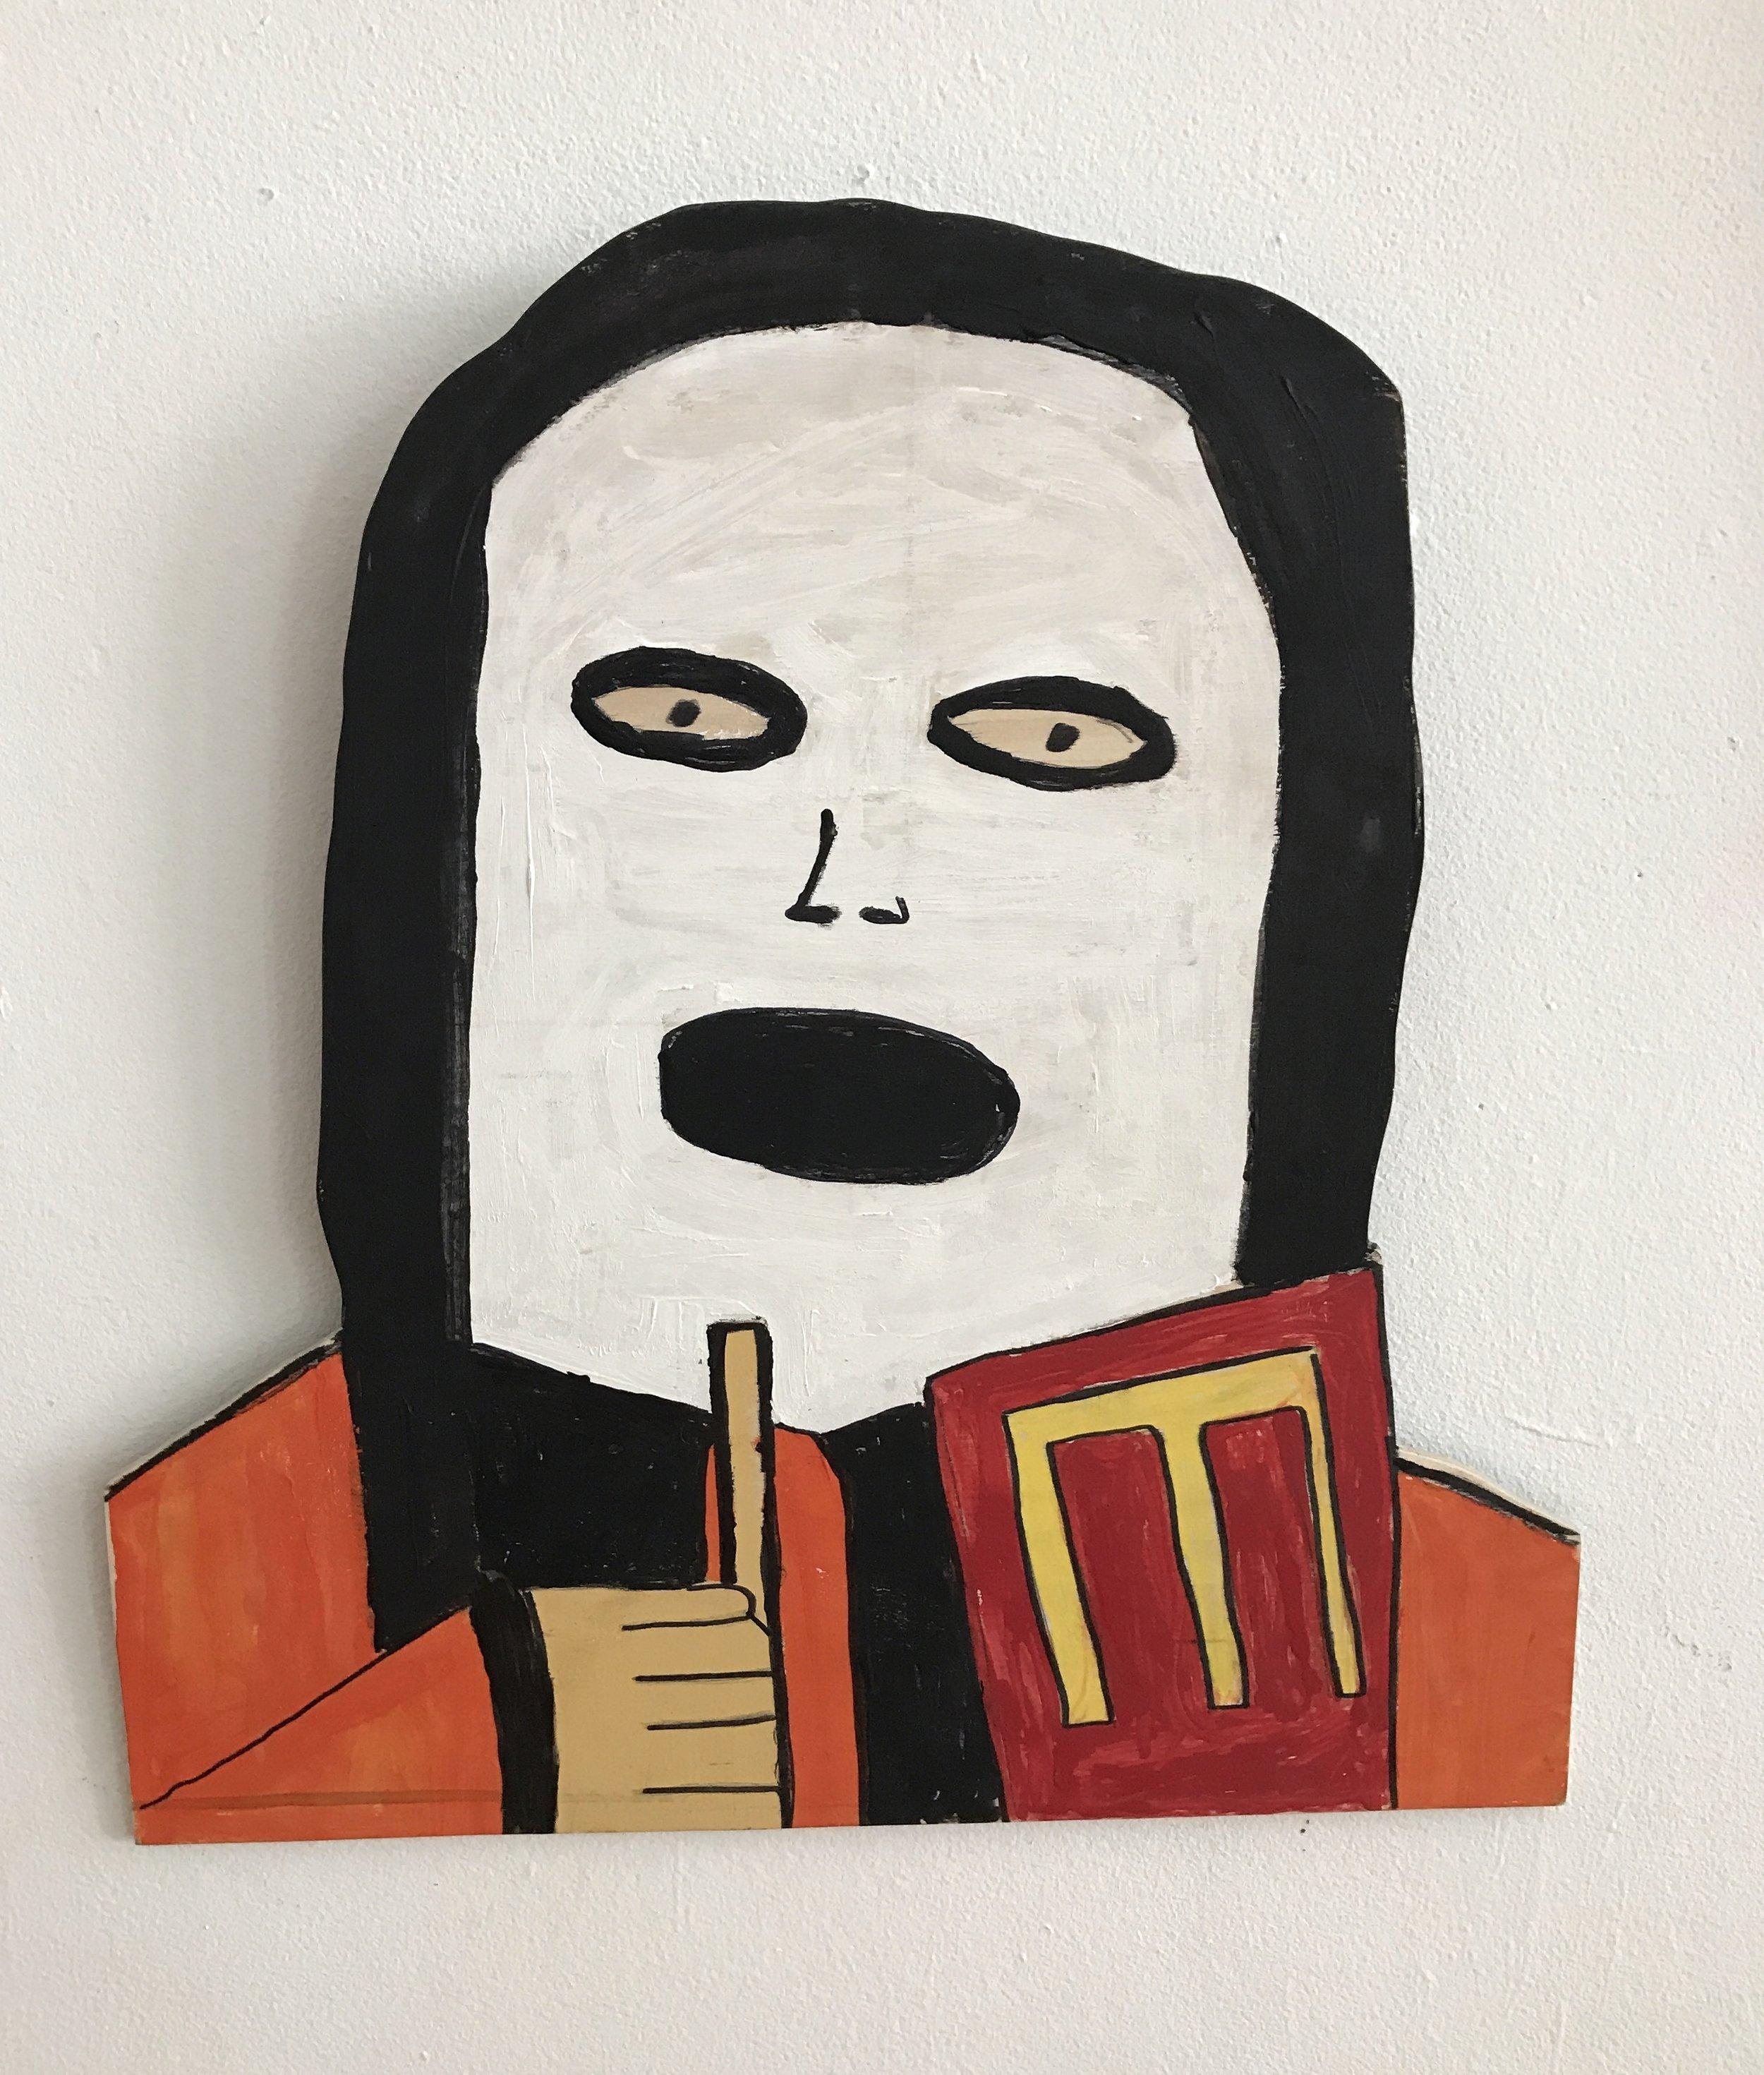 Michael Pellew Marilyn Manson 2017 Acrylic on wood